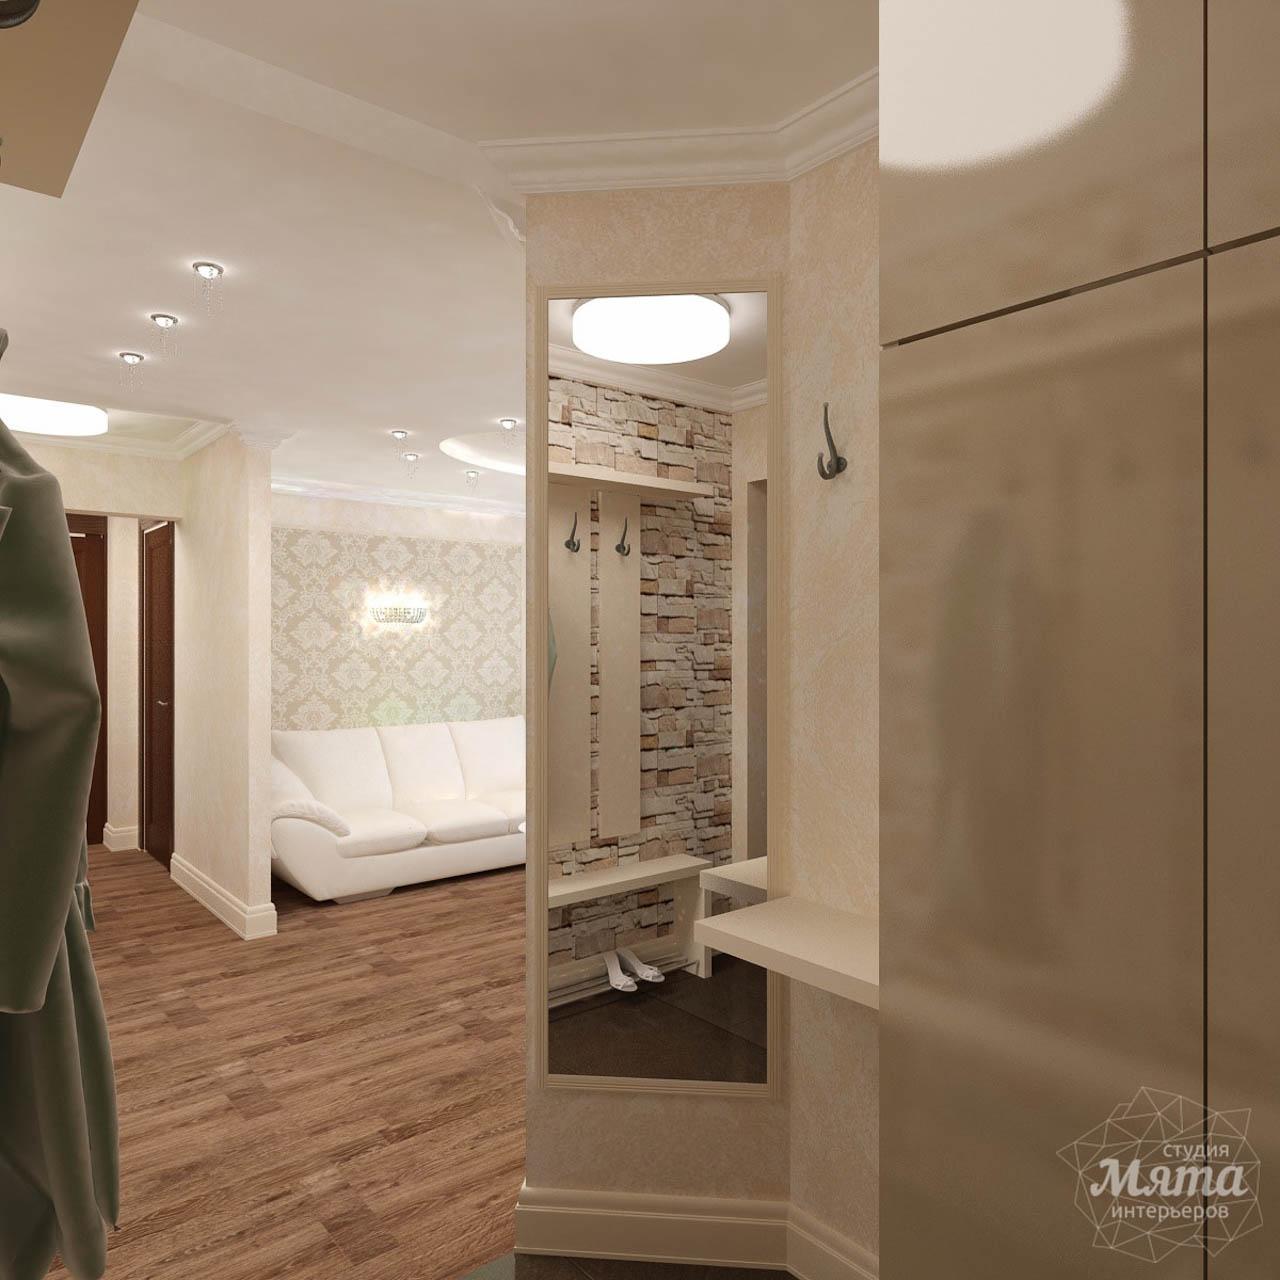 Дизайн интерьера двухкомнатной квартиры по ул. Бебеля 156 img688016846